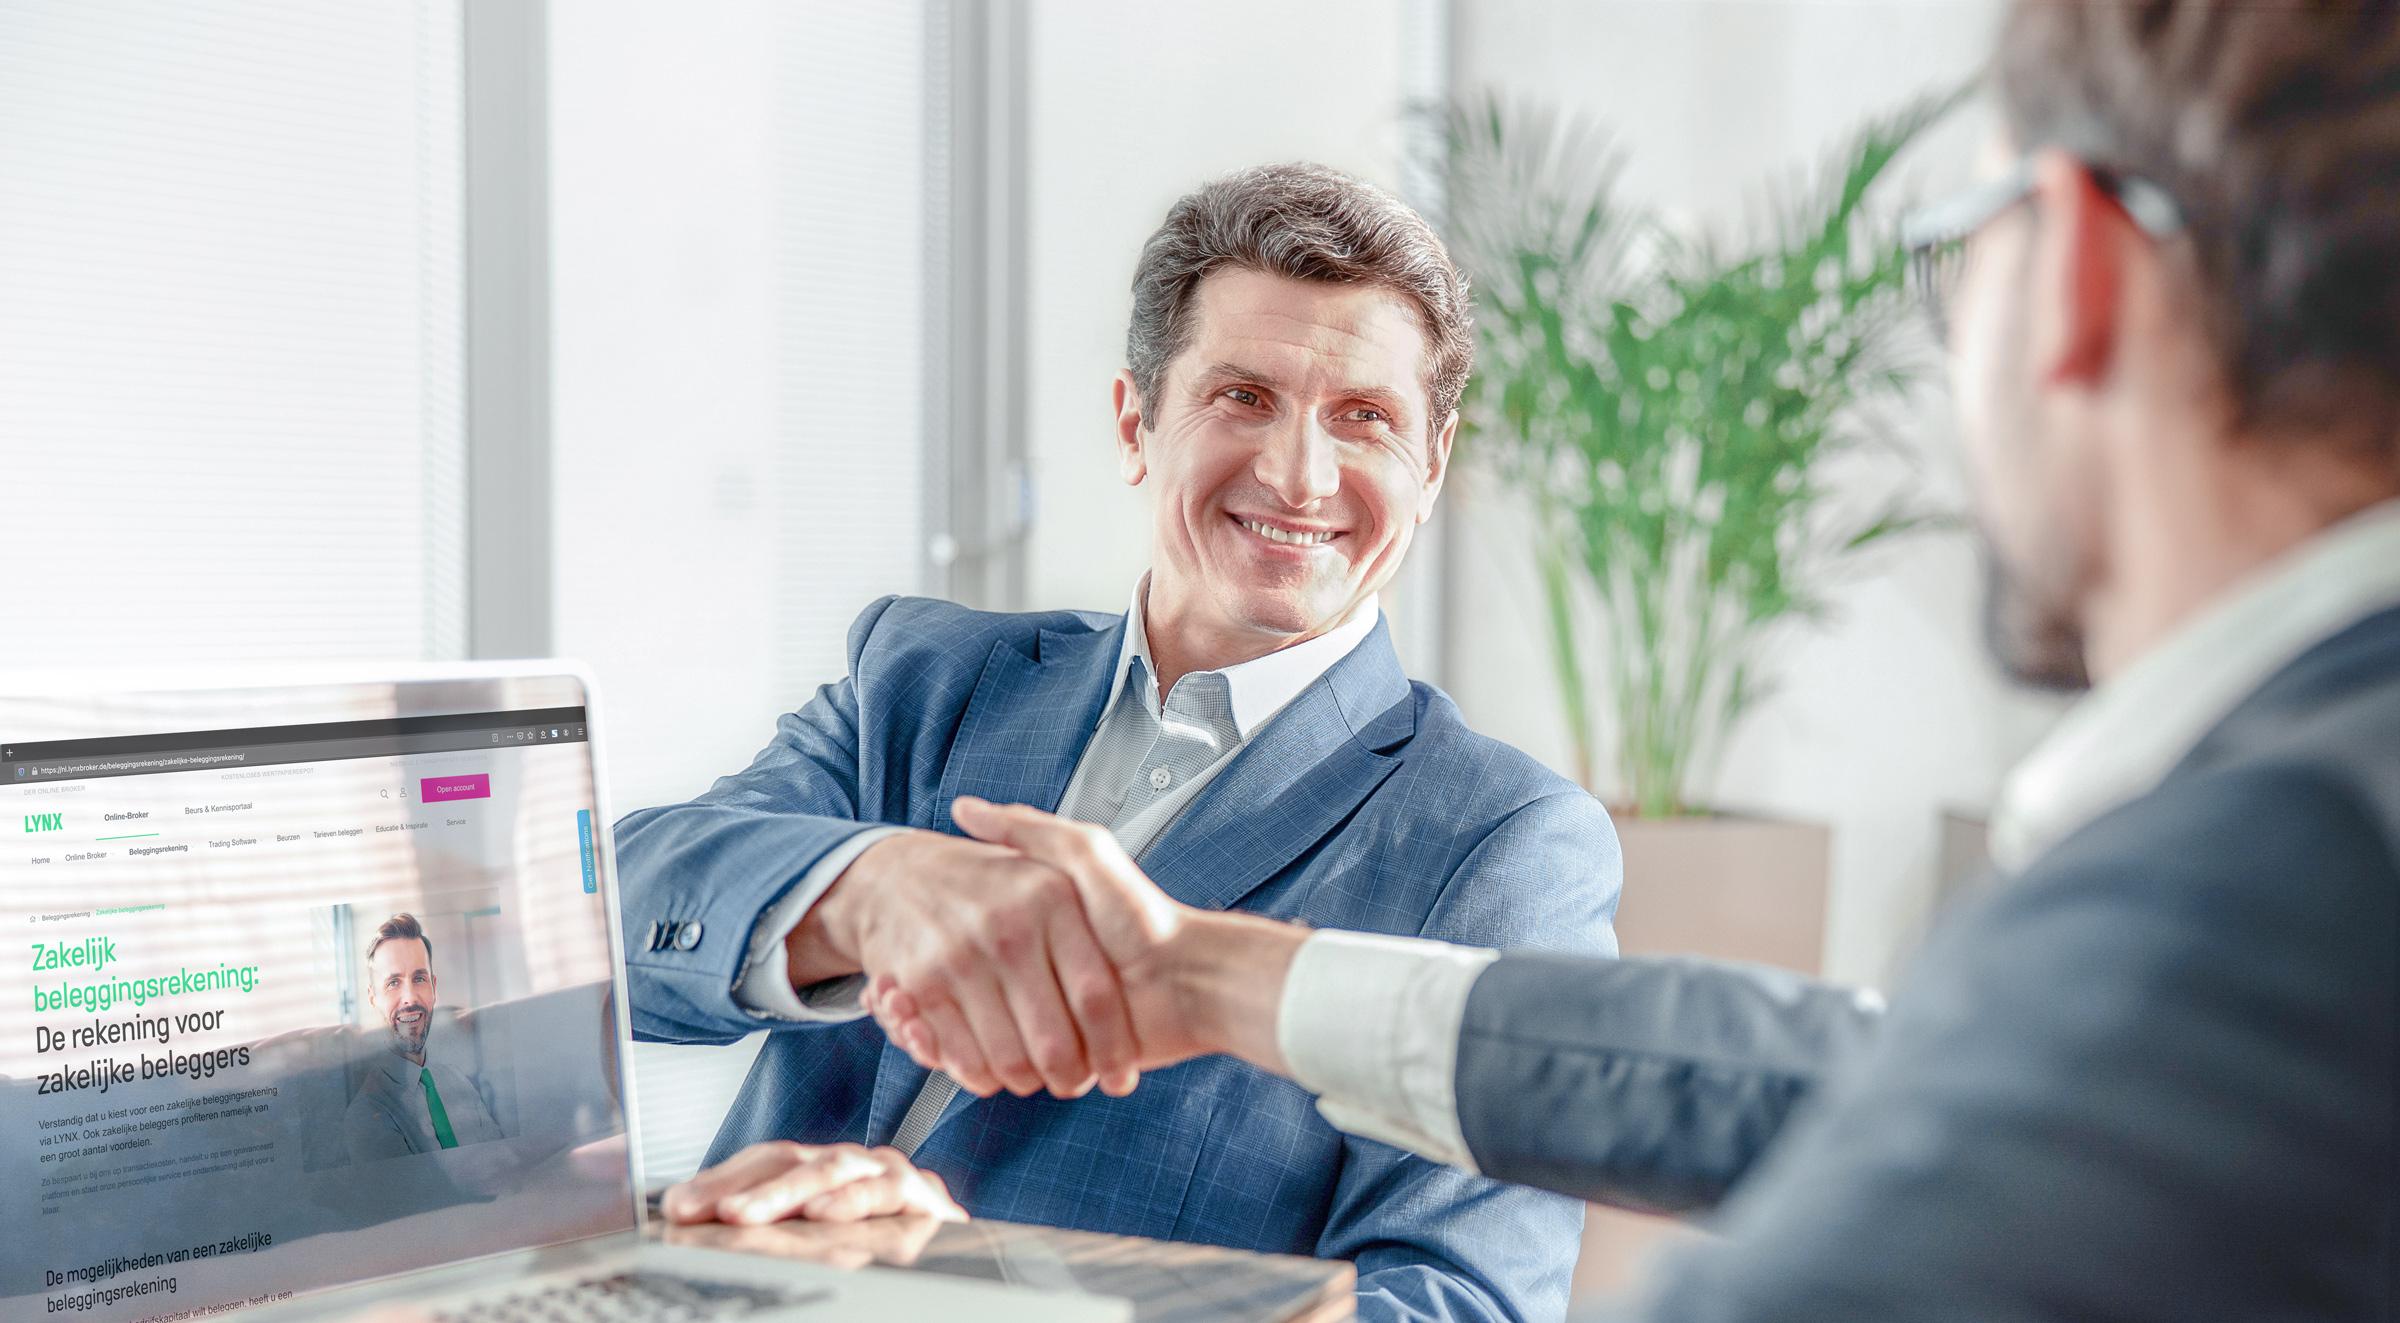 Zakelijke beleggingsrekening openen